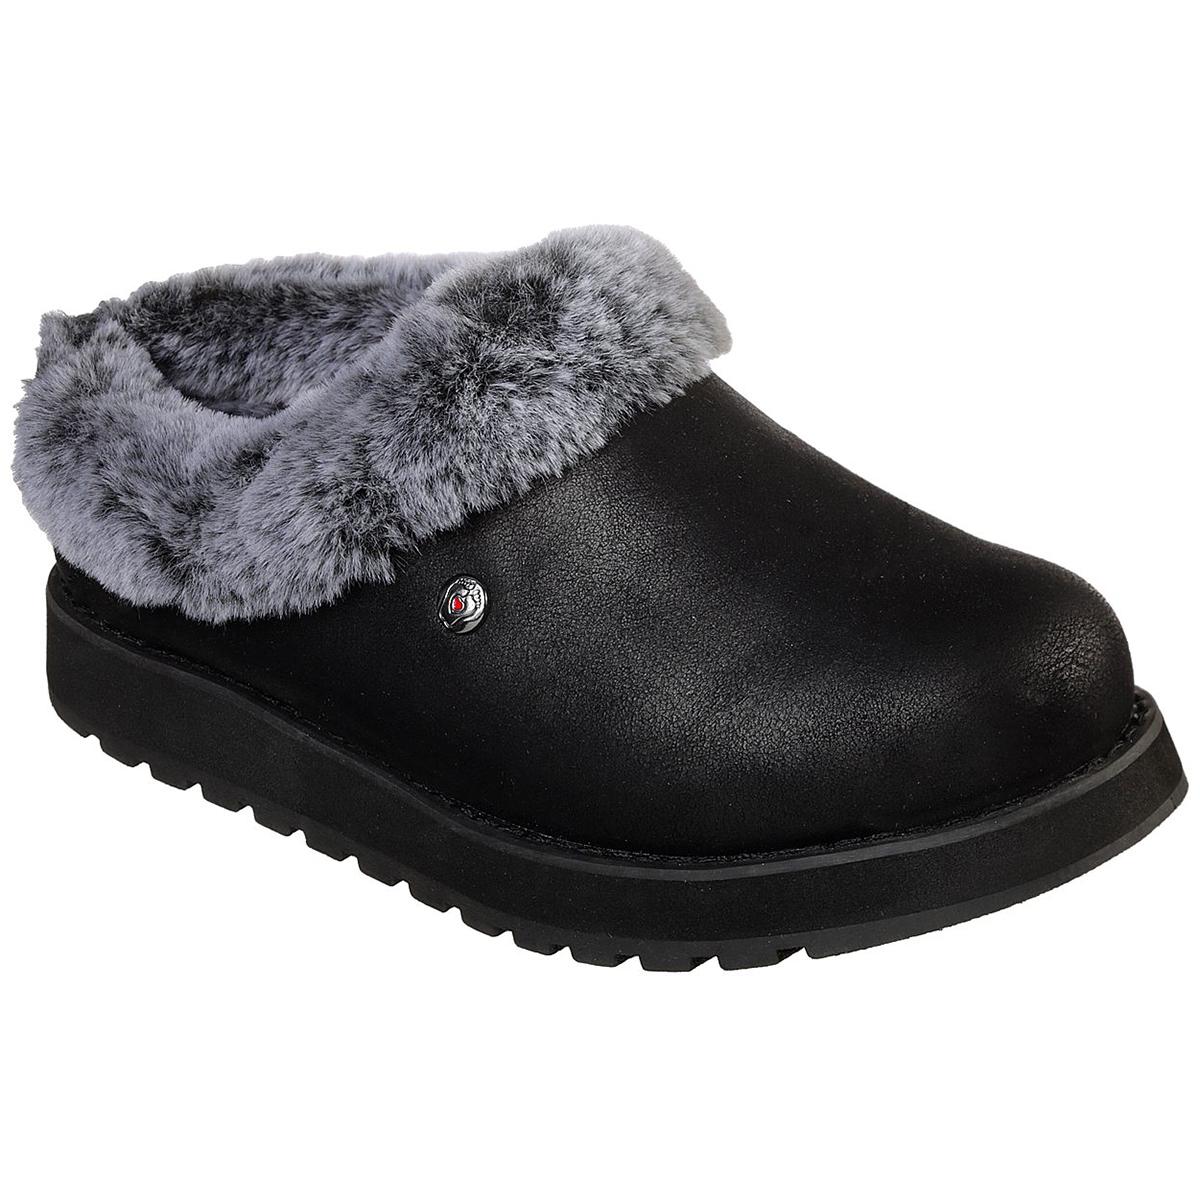 Skechers Women's Keepsakes R E M Shootie Fur Lined Casual Slip On Shoes - Black, 6